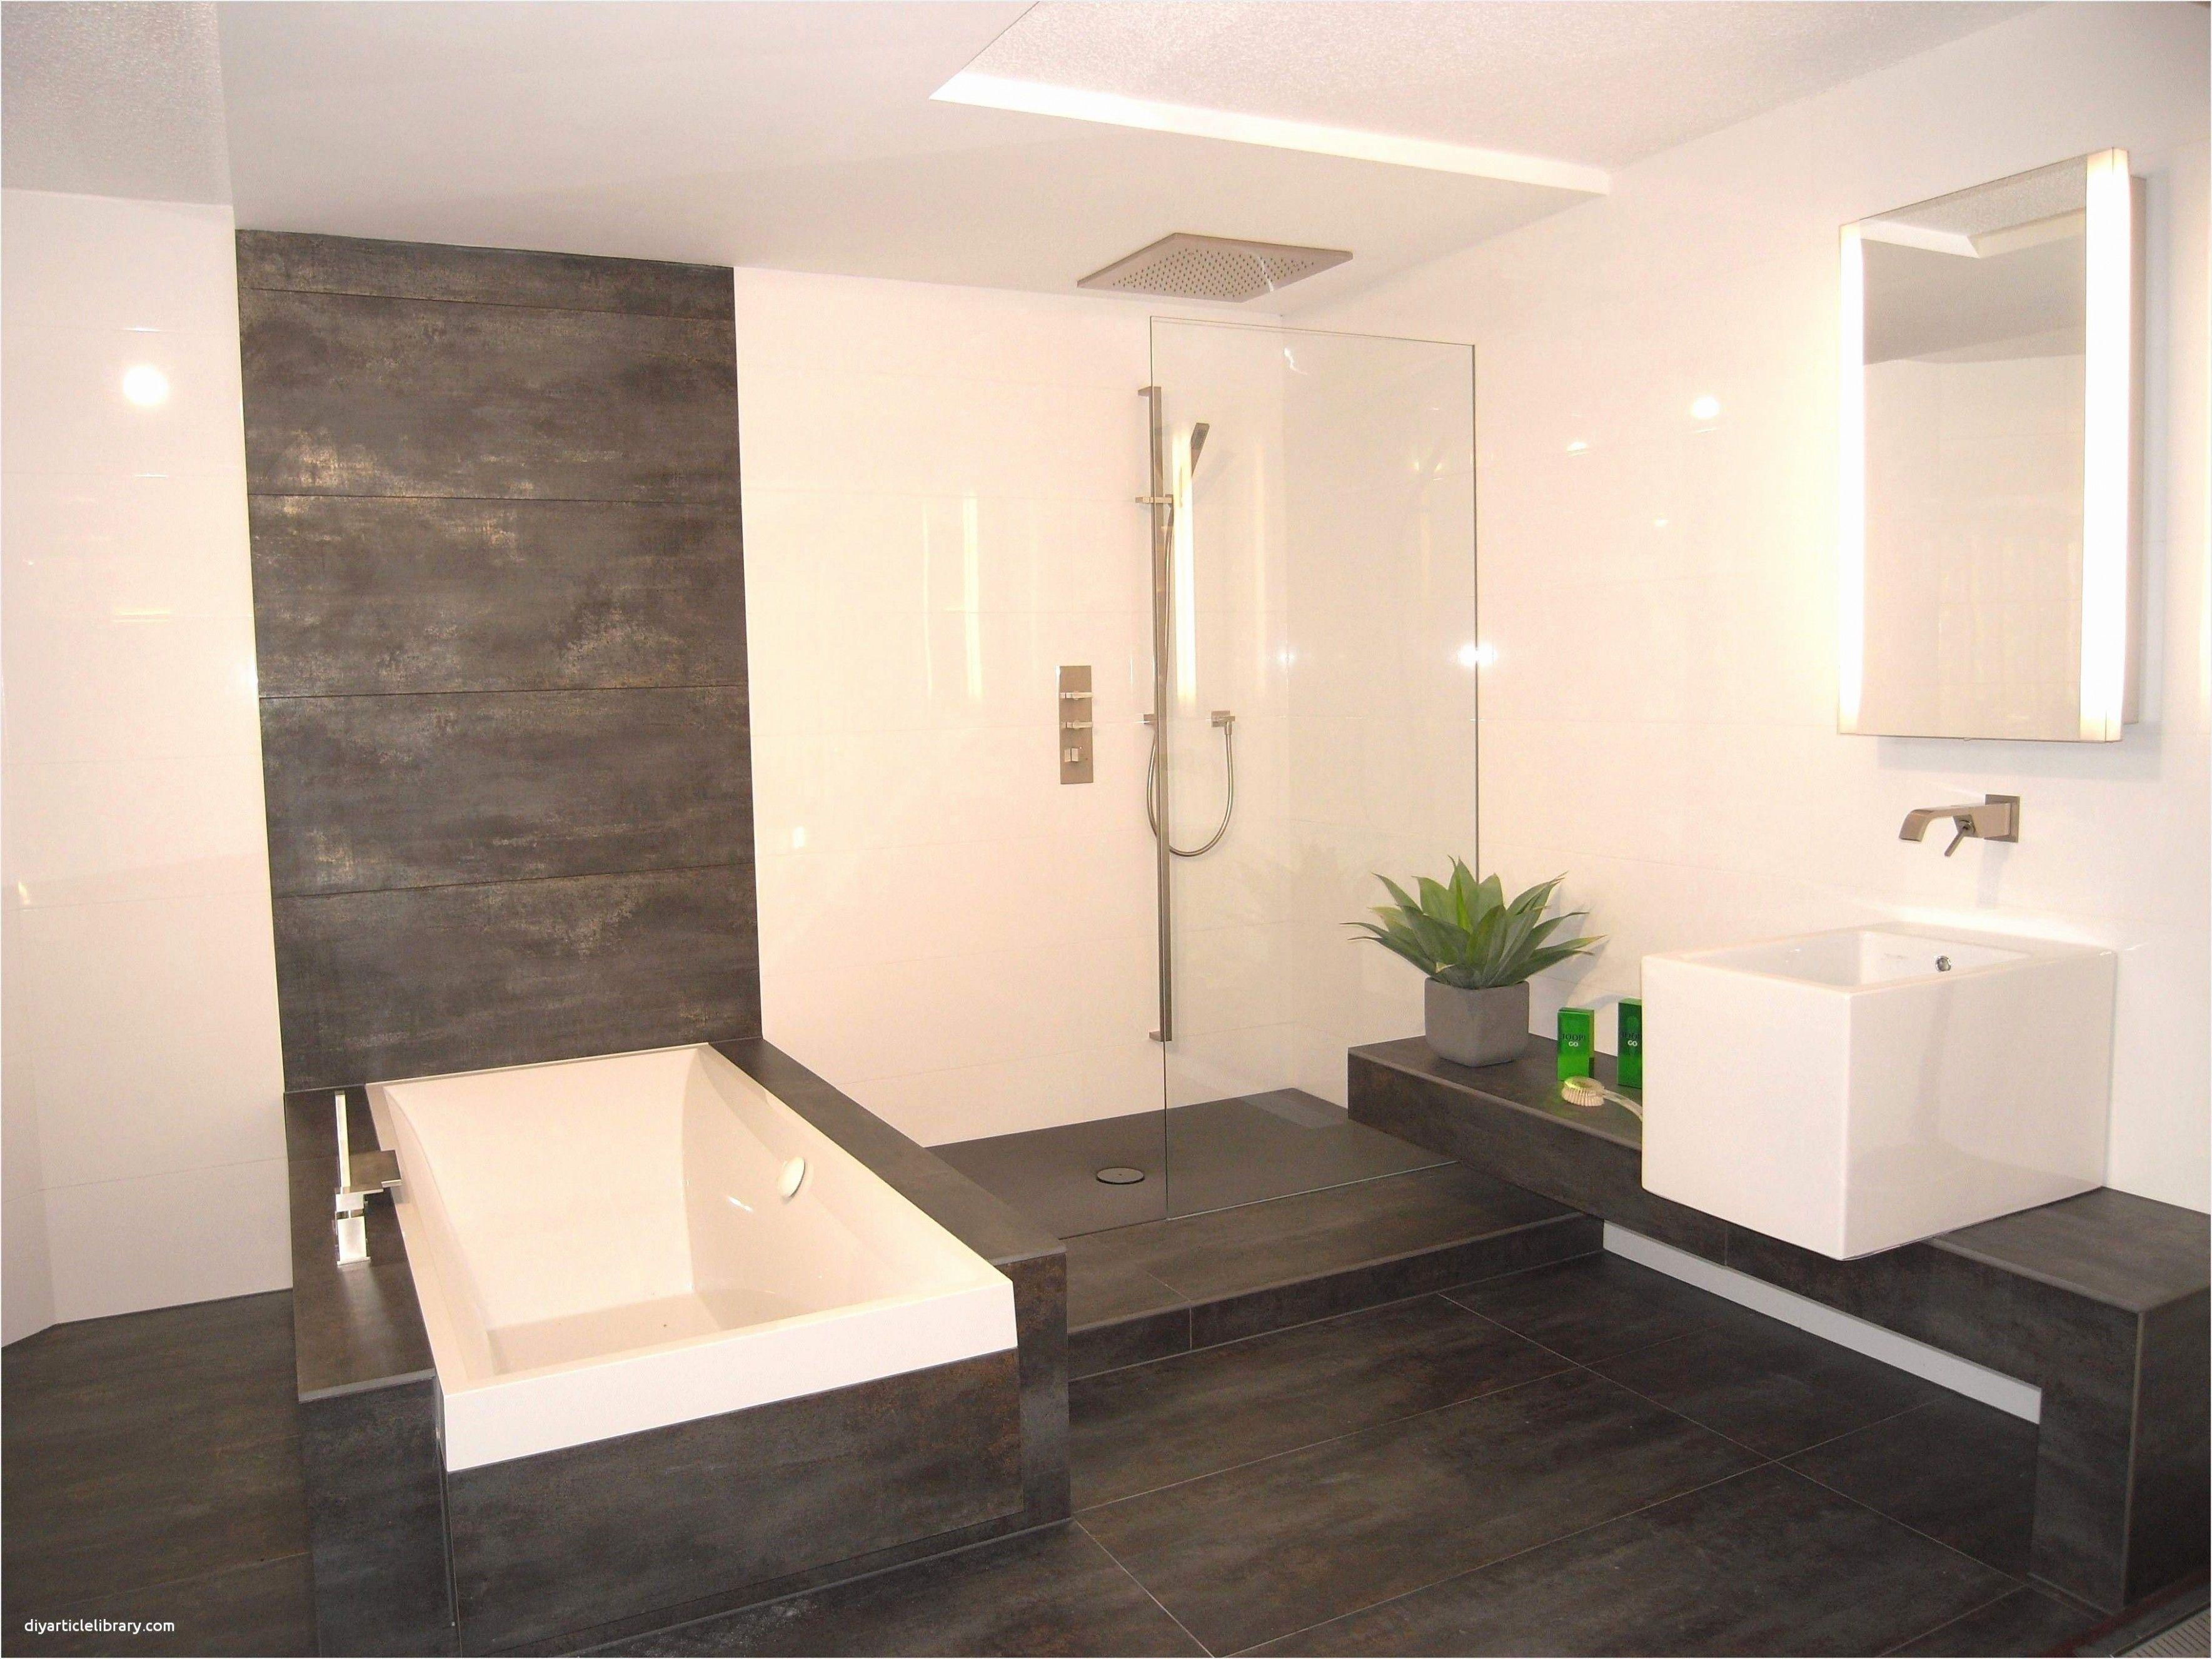 Badezimmer Online Planen 11d Kostenlos Badezimmer Fliesen Fliesen Wohnzimmer Badezimmer